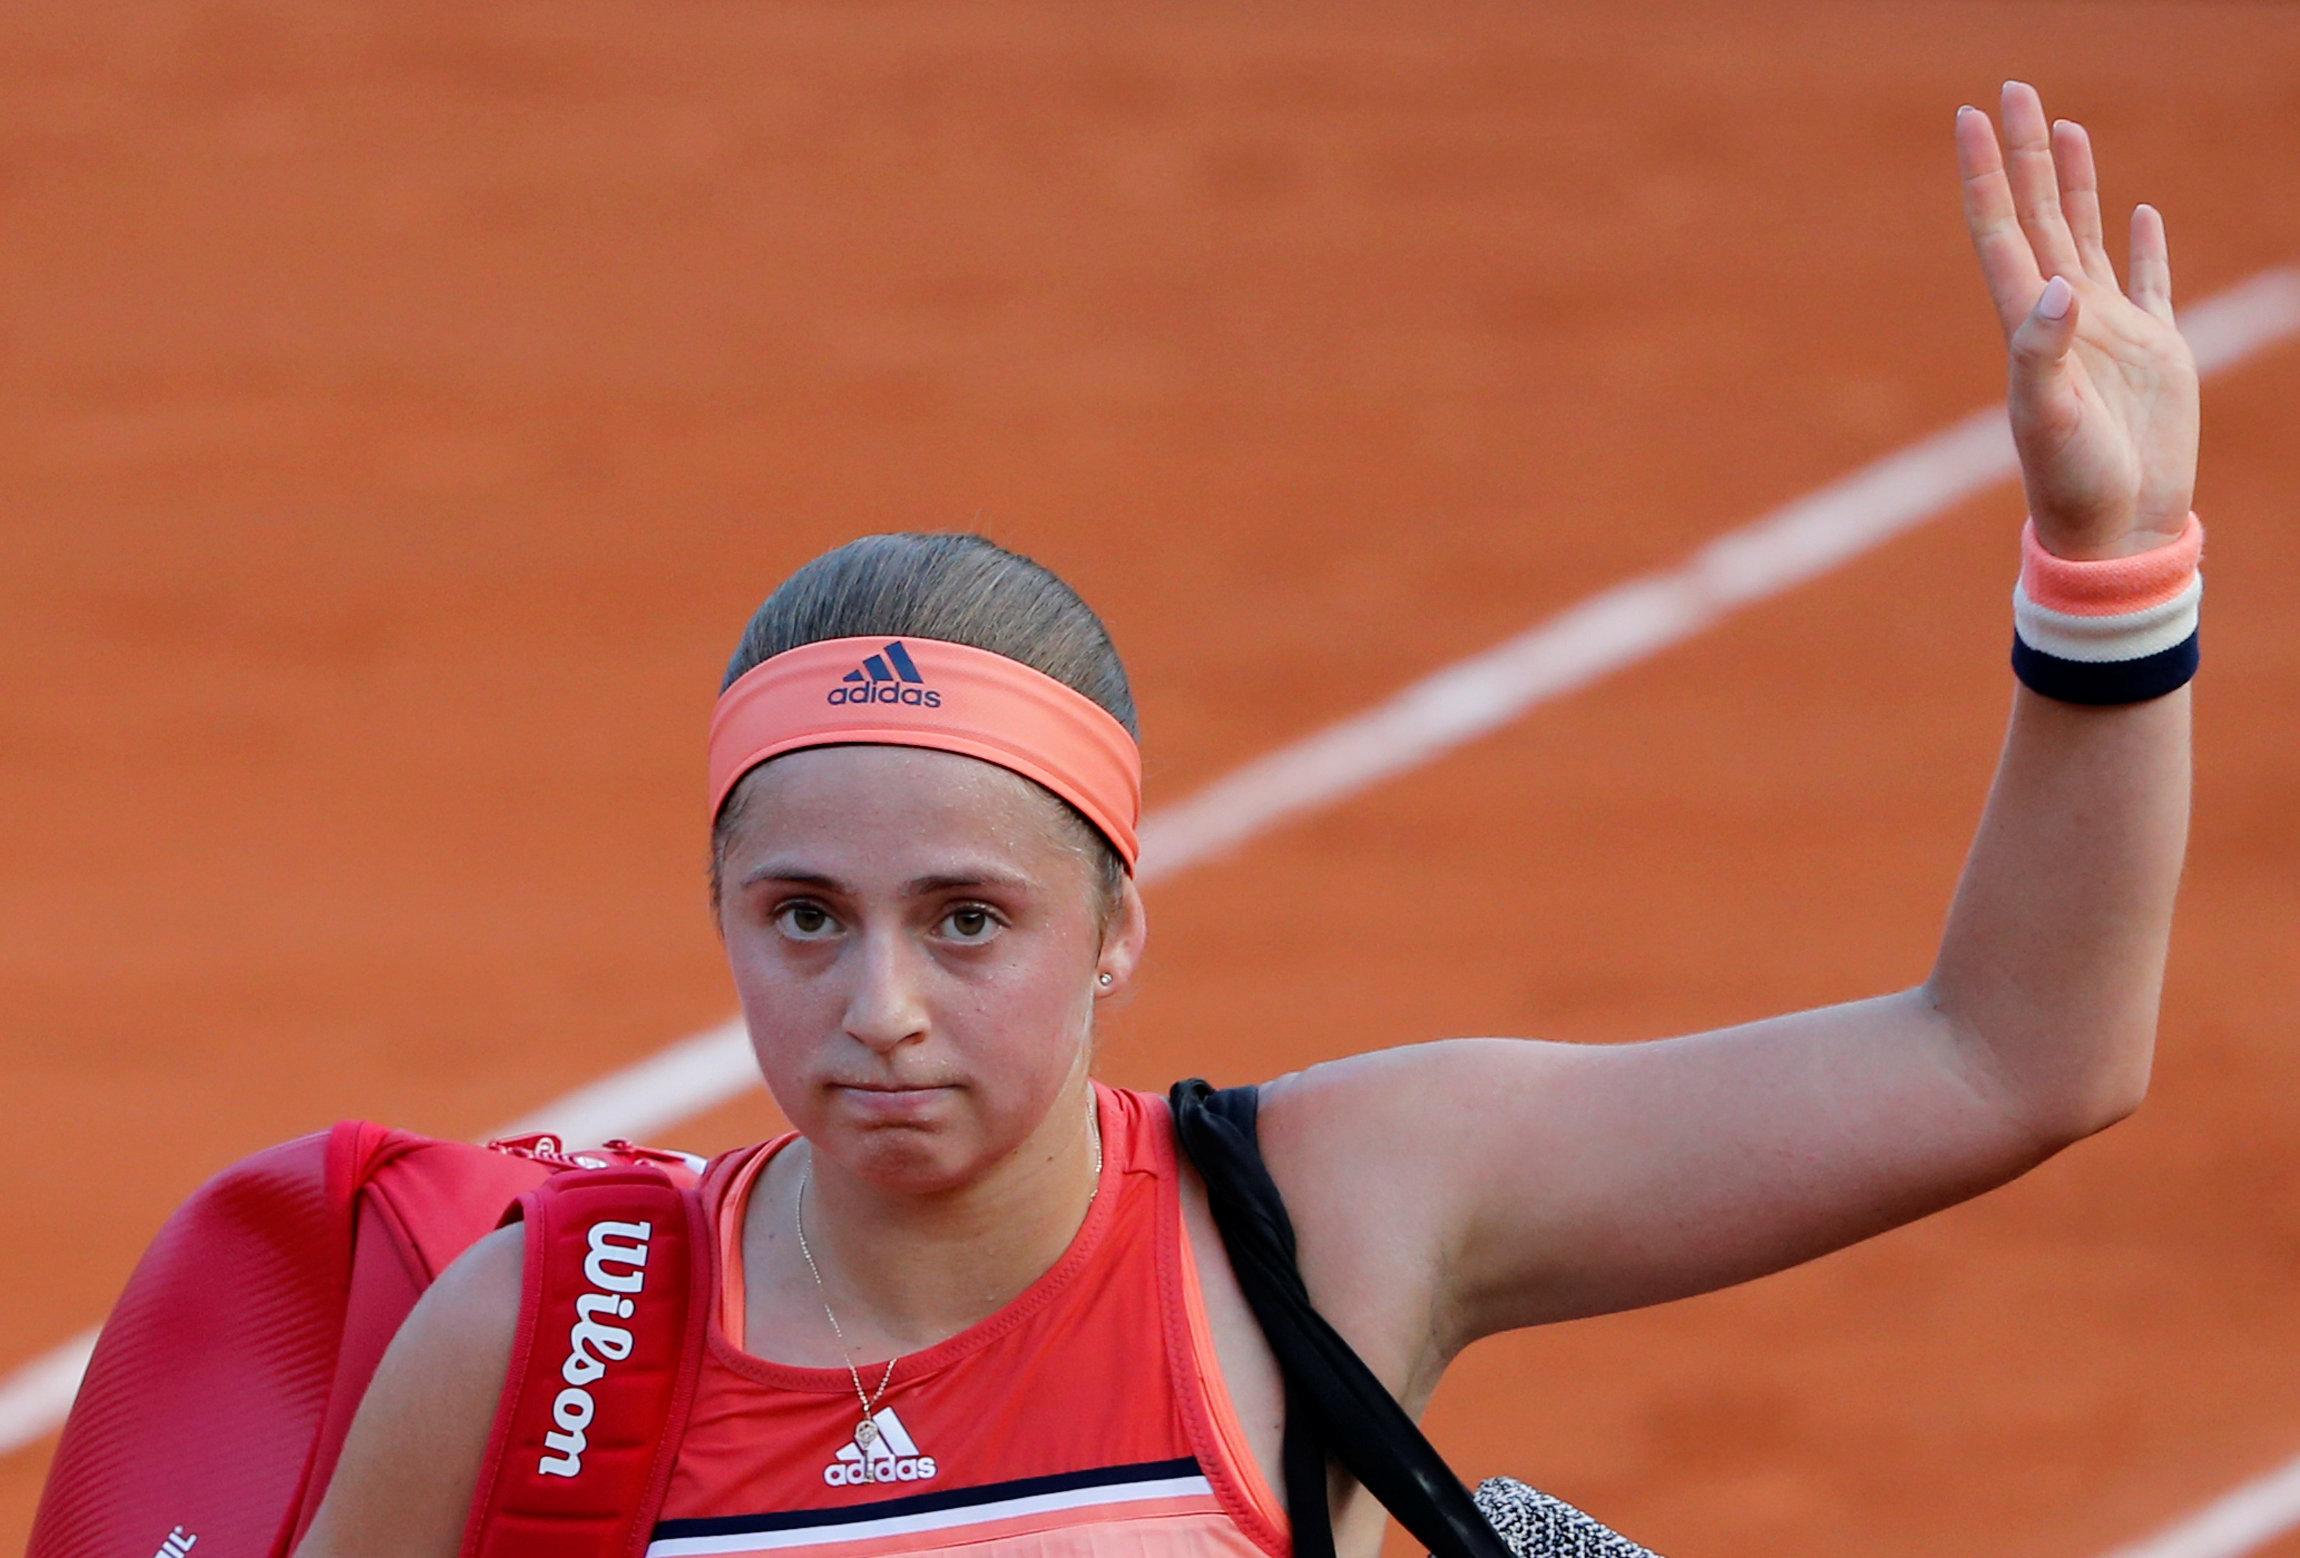 Tennis - Roland-Garros - Moutet, Ostapenko, Venus Williams : Résumé de la 1ere journée de Roland-Garros